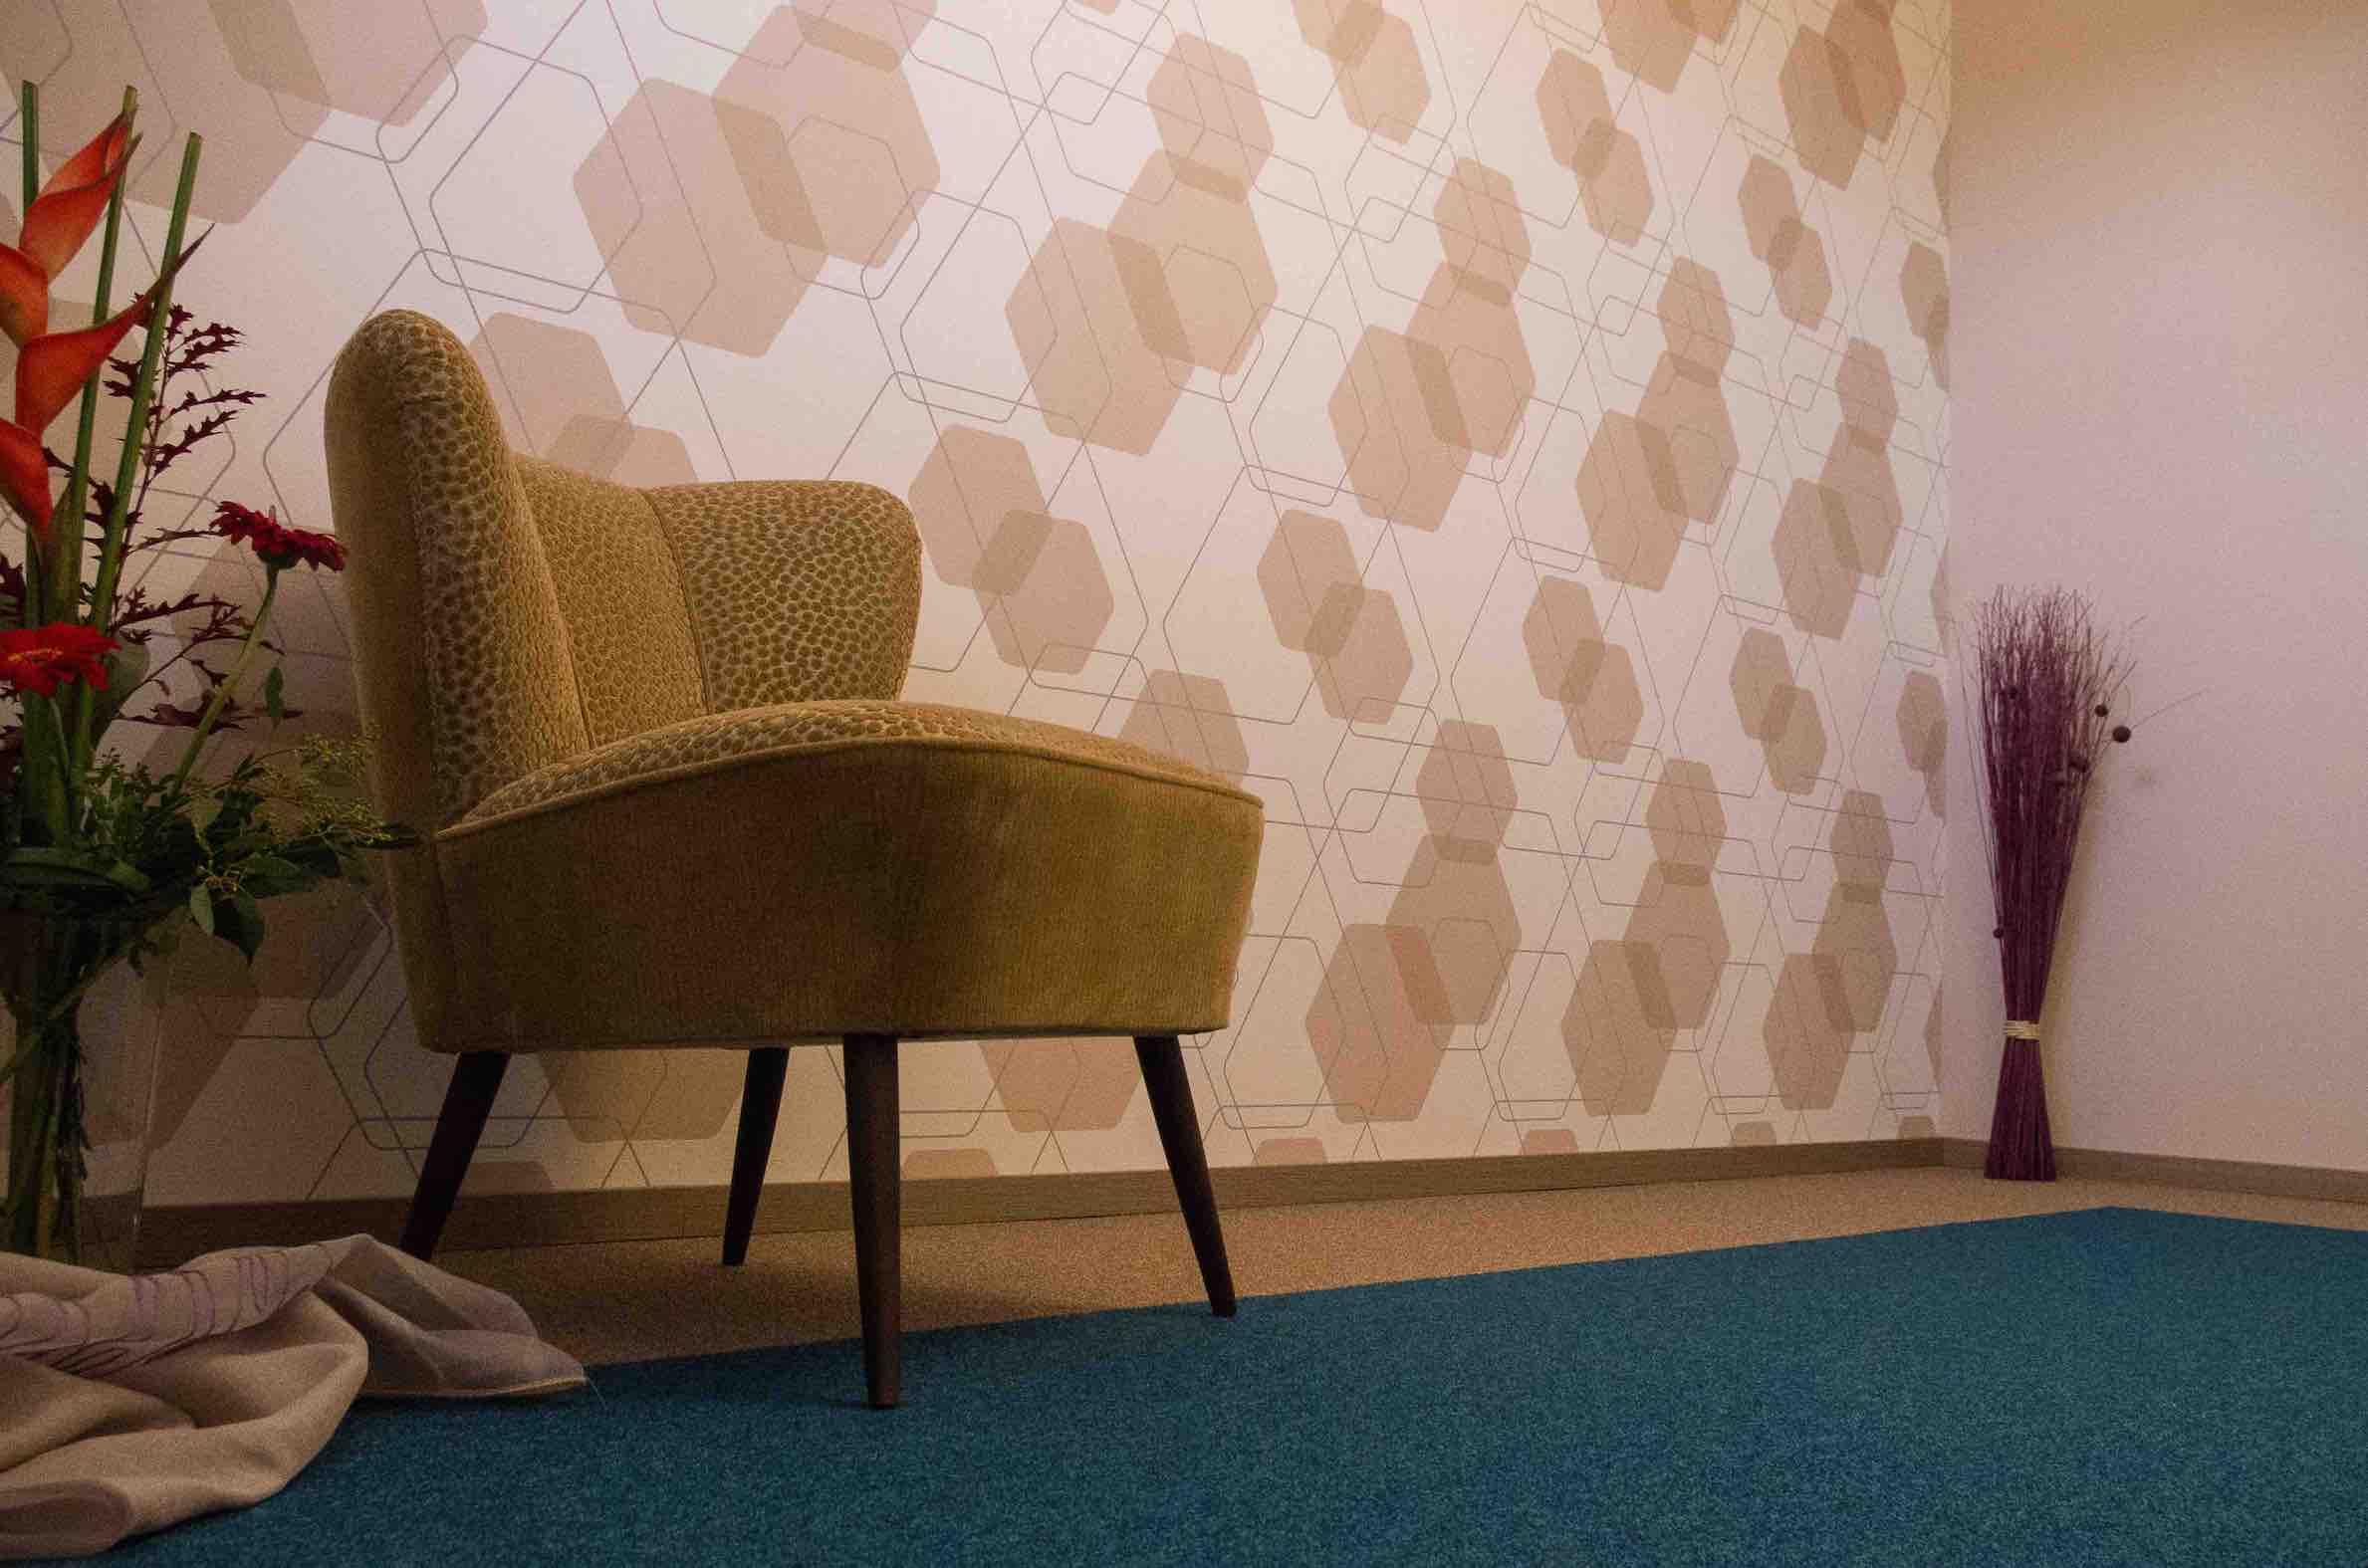 w nde raumausstatter h bner. Black Bedroom Furniture Sets. Home Design Ideas